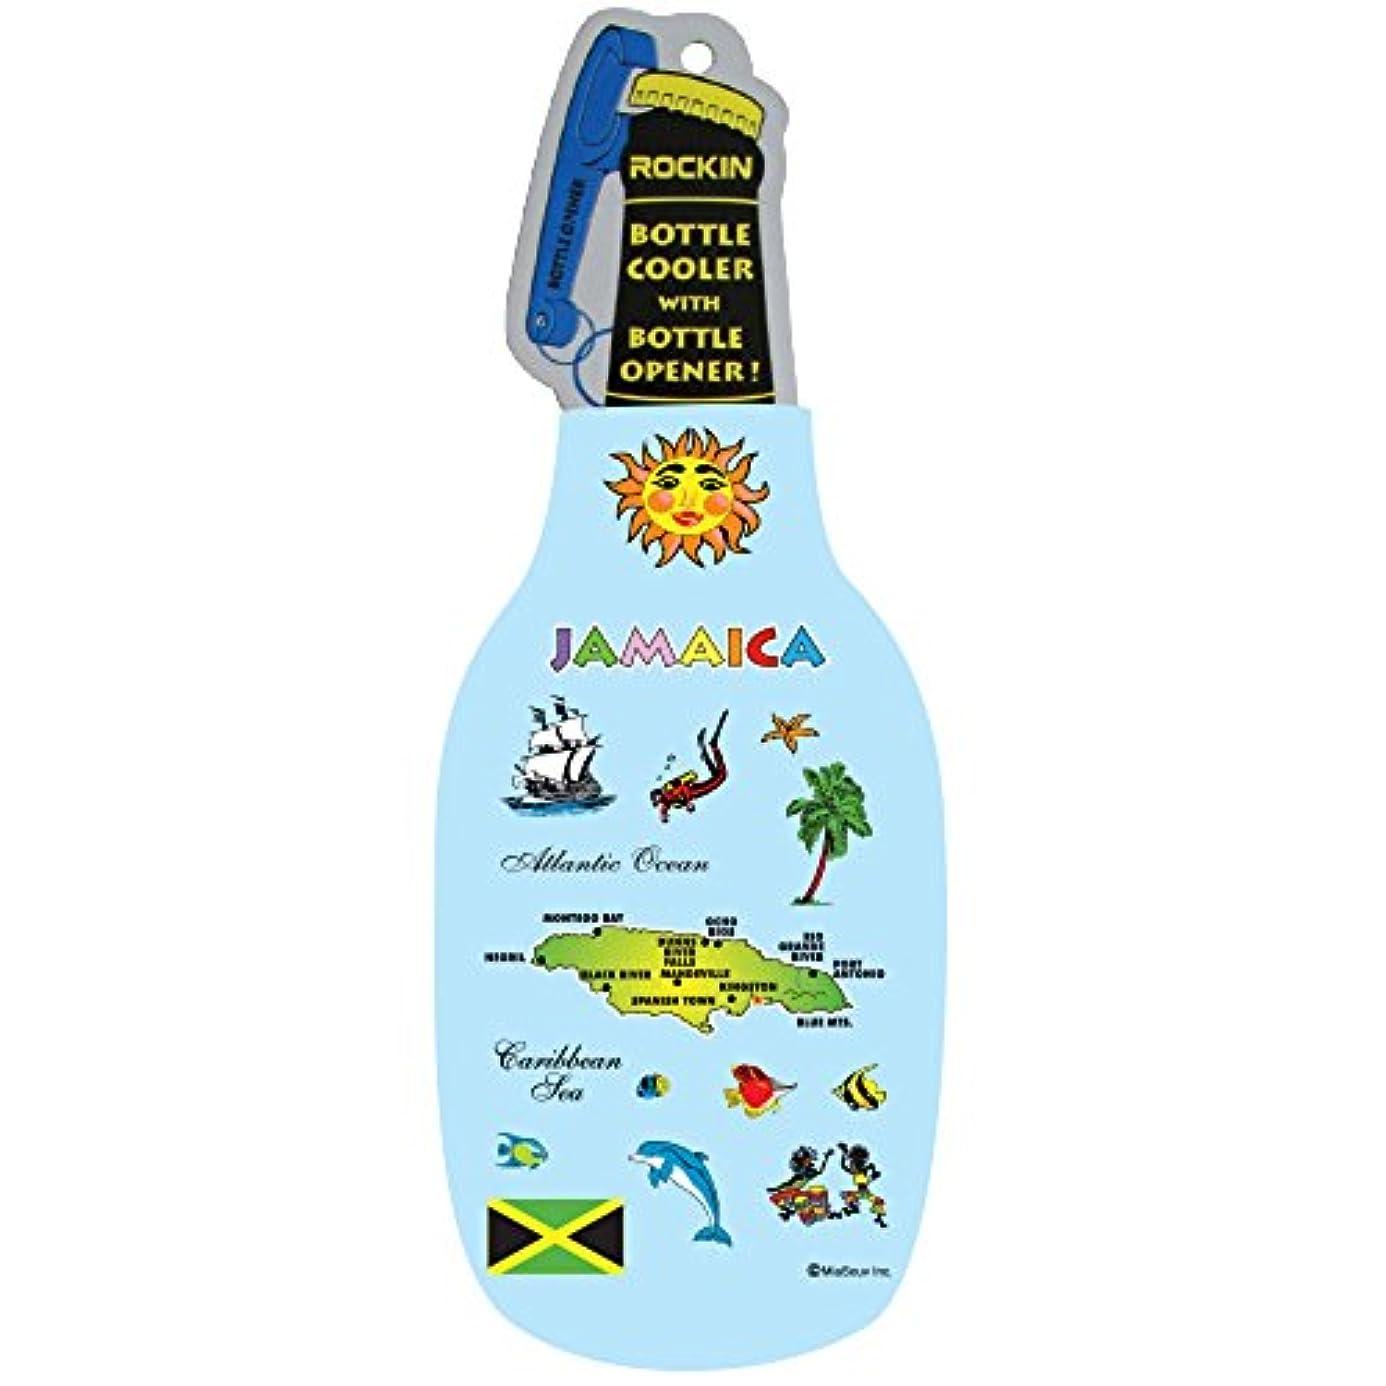 Rockin Gear 2 Pack Bottle Cooler Jamaica Map Souvenir Neoprene Cooler - Holidays Beach Ocean Sand Keep Cold Beverage uei5510038